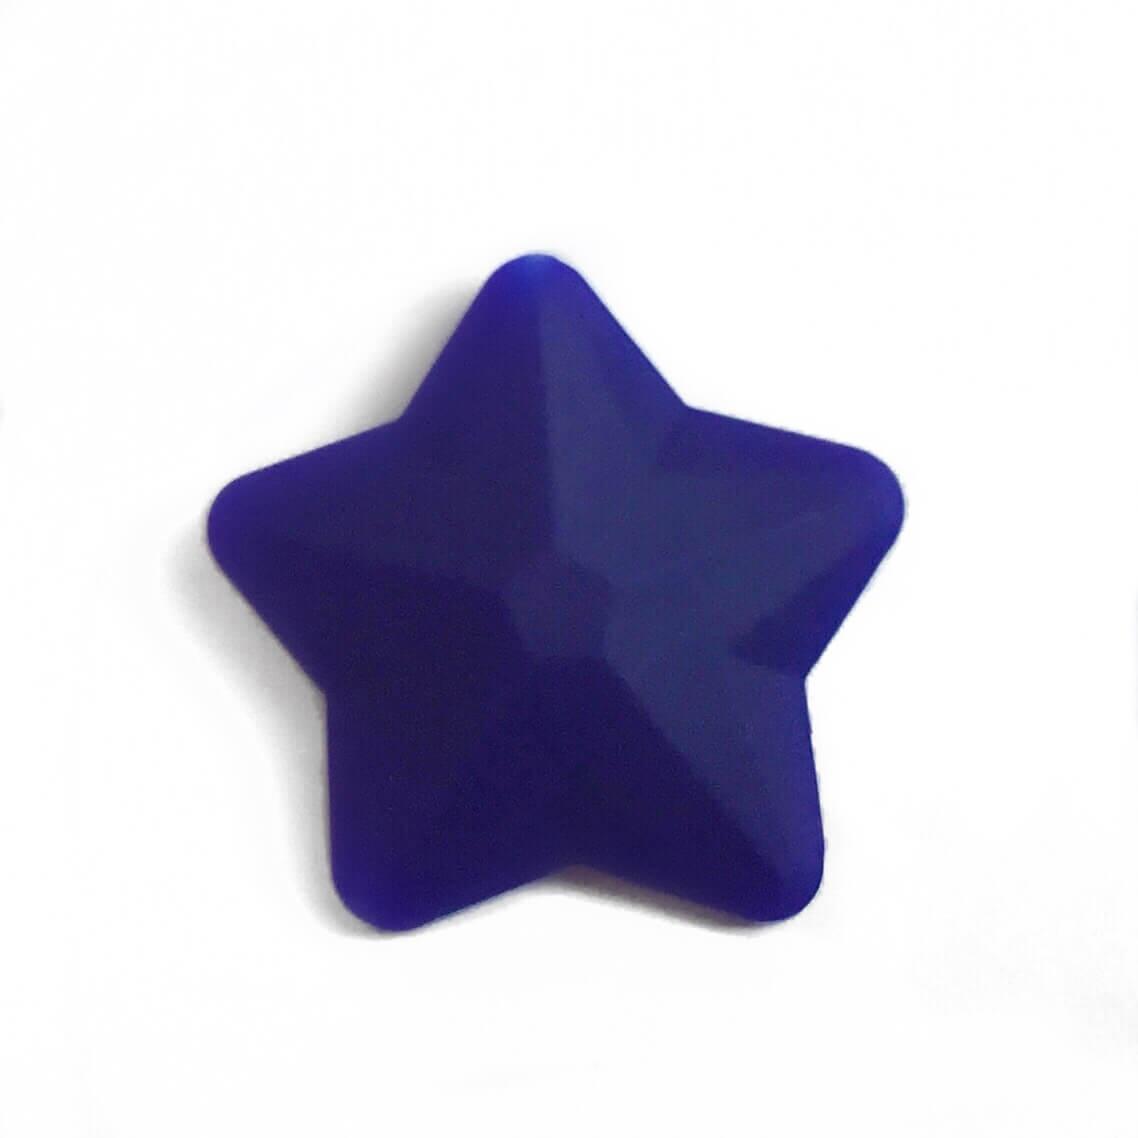 Звезда большая (темно синяя) 45мм, силиконовые бусины